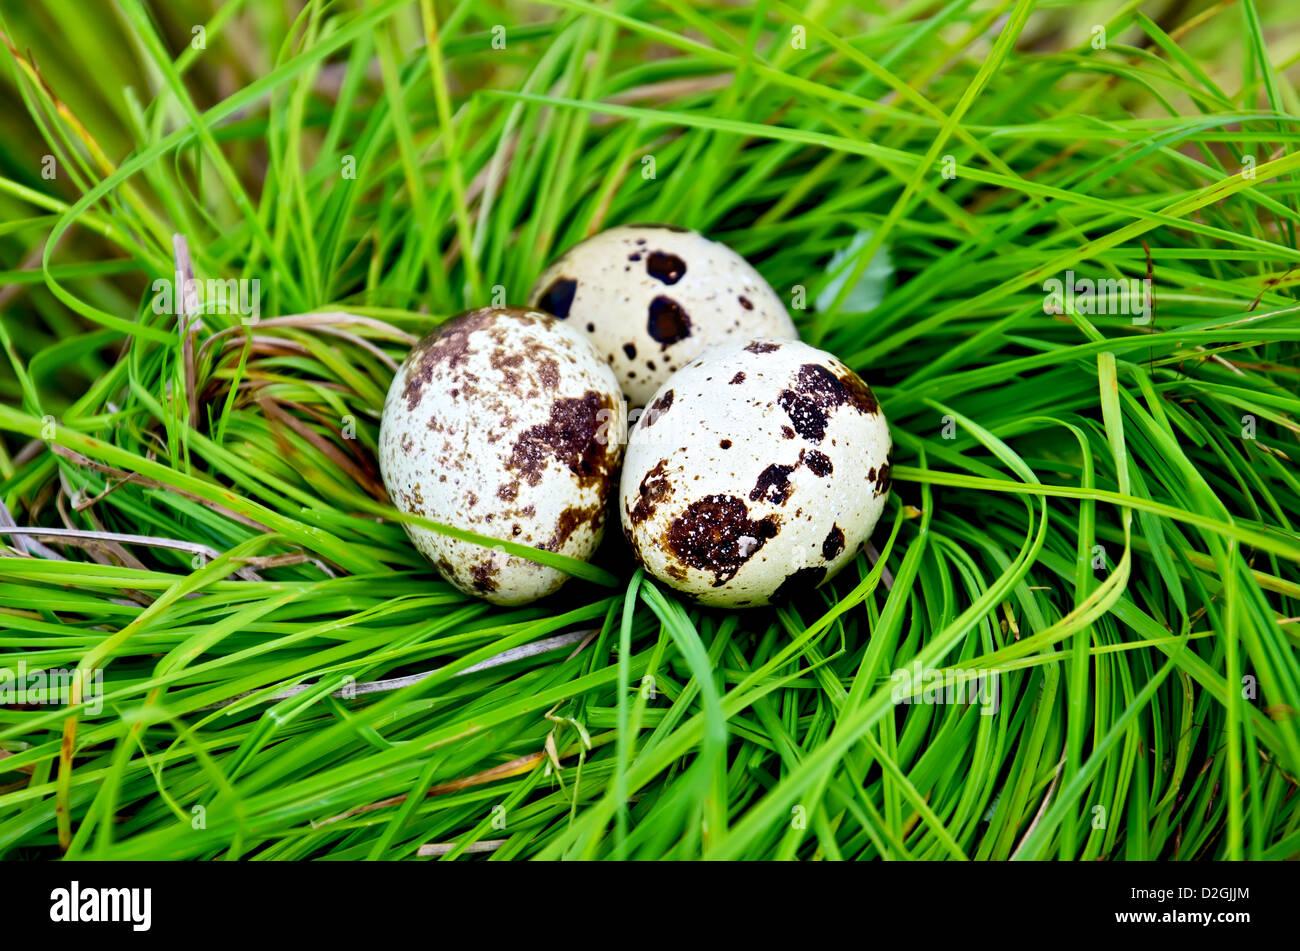 Drei entdeckt Wachtel Eiern in ein Nest von grünen Rasen Stockfoto